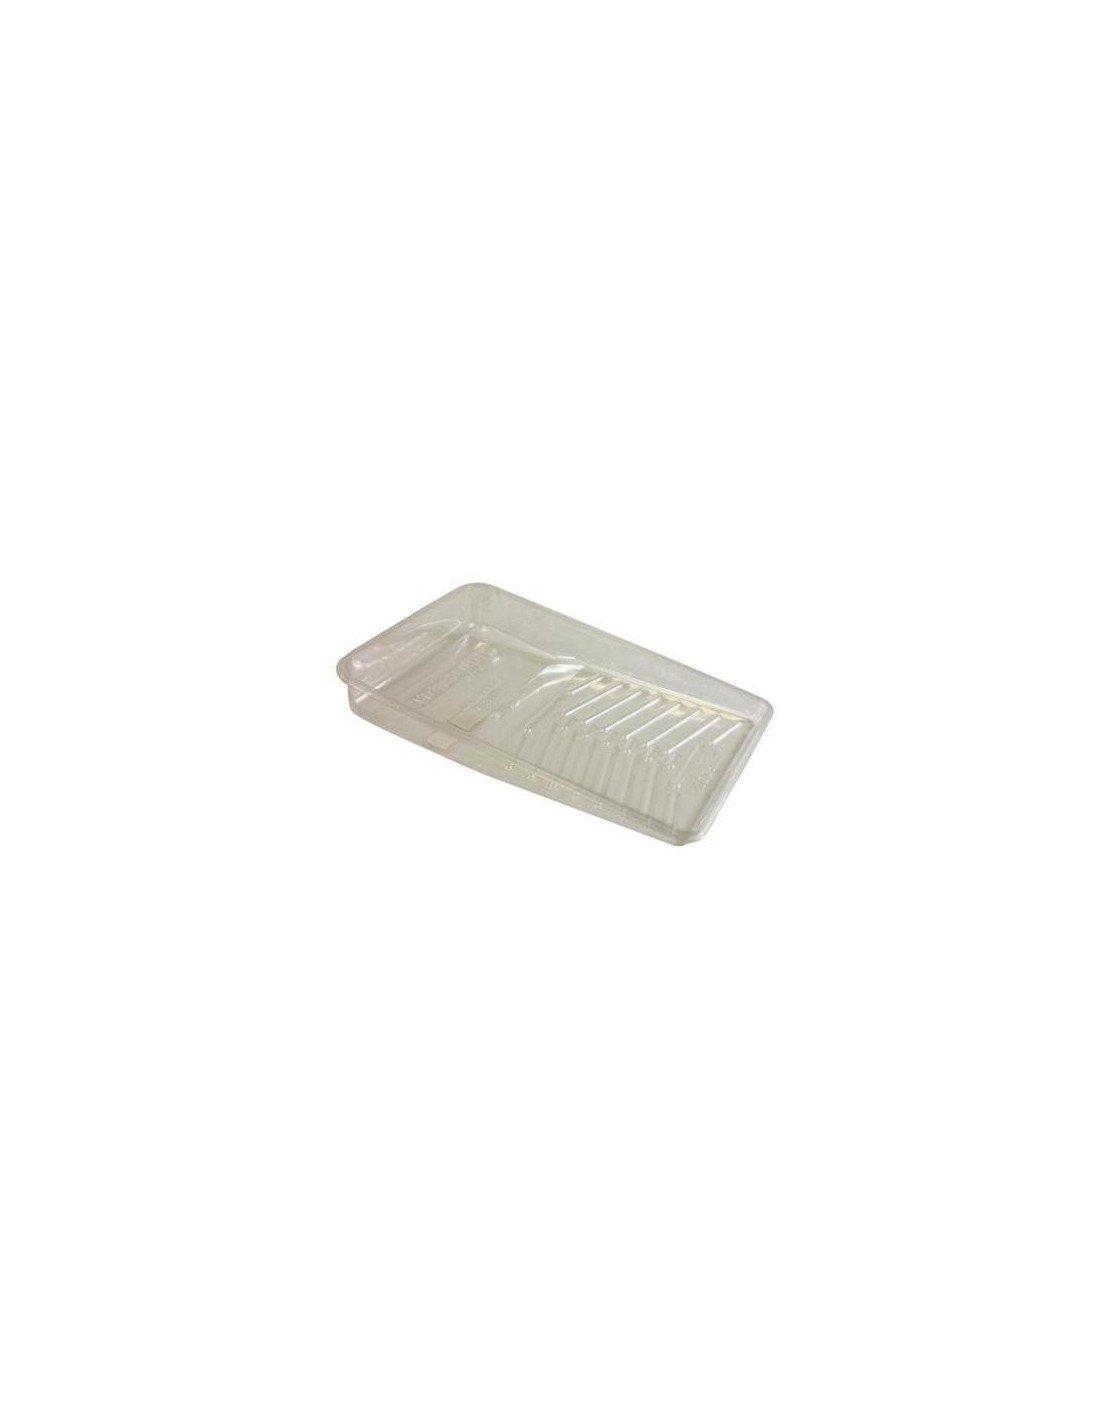 Savy 5006001 Lot de 5 Liners pour bac 5001 plat